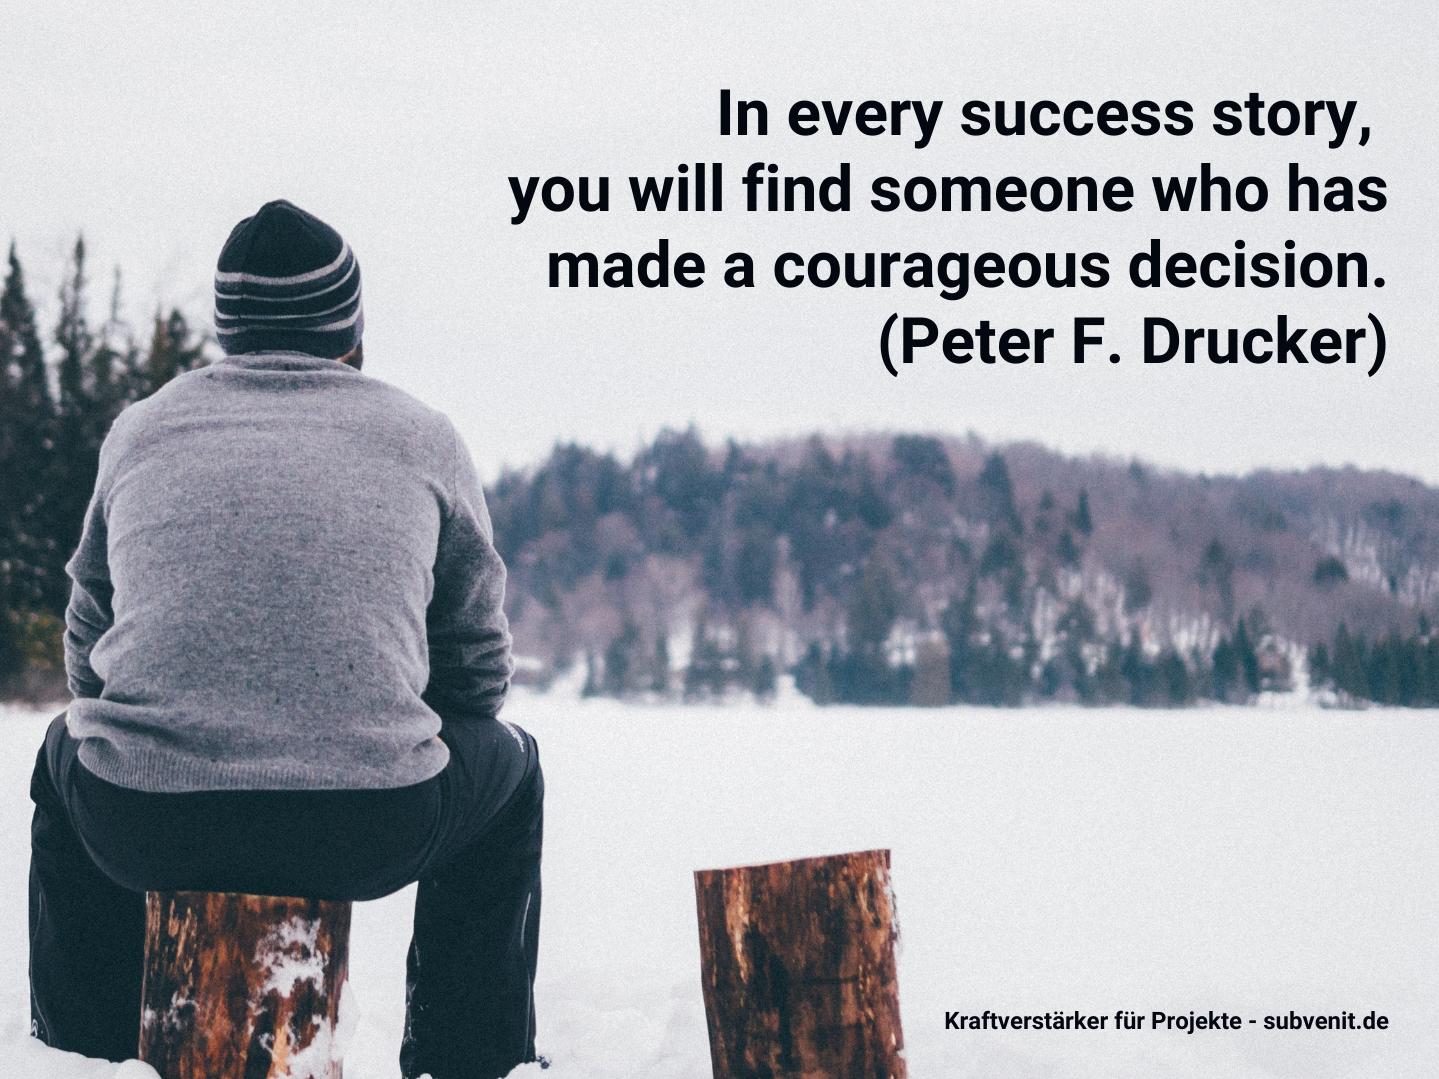 Wie viel Mut steckt in einer Erfolgsgeschichte?